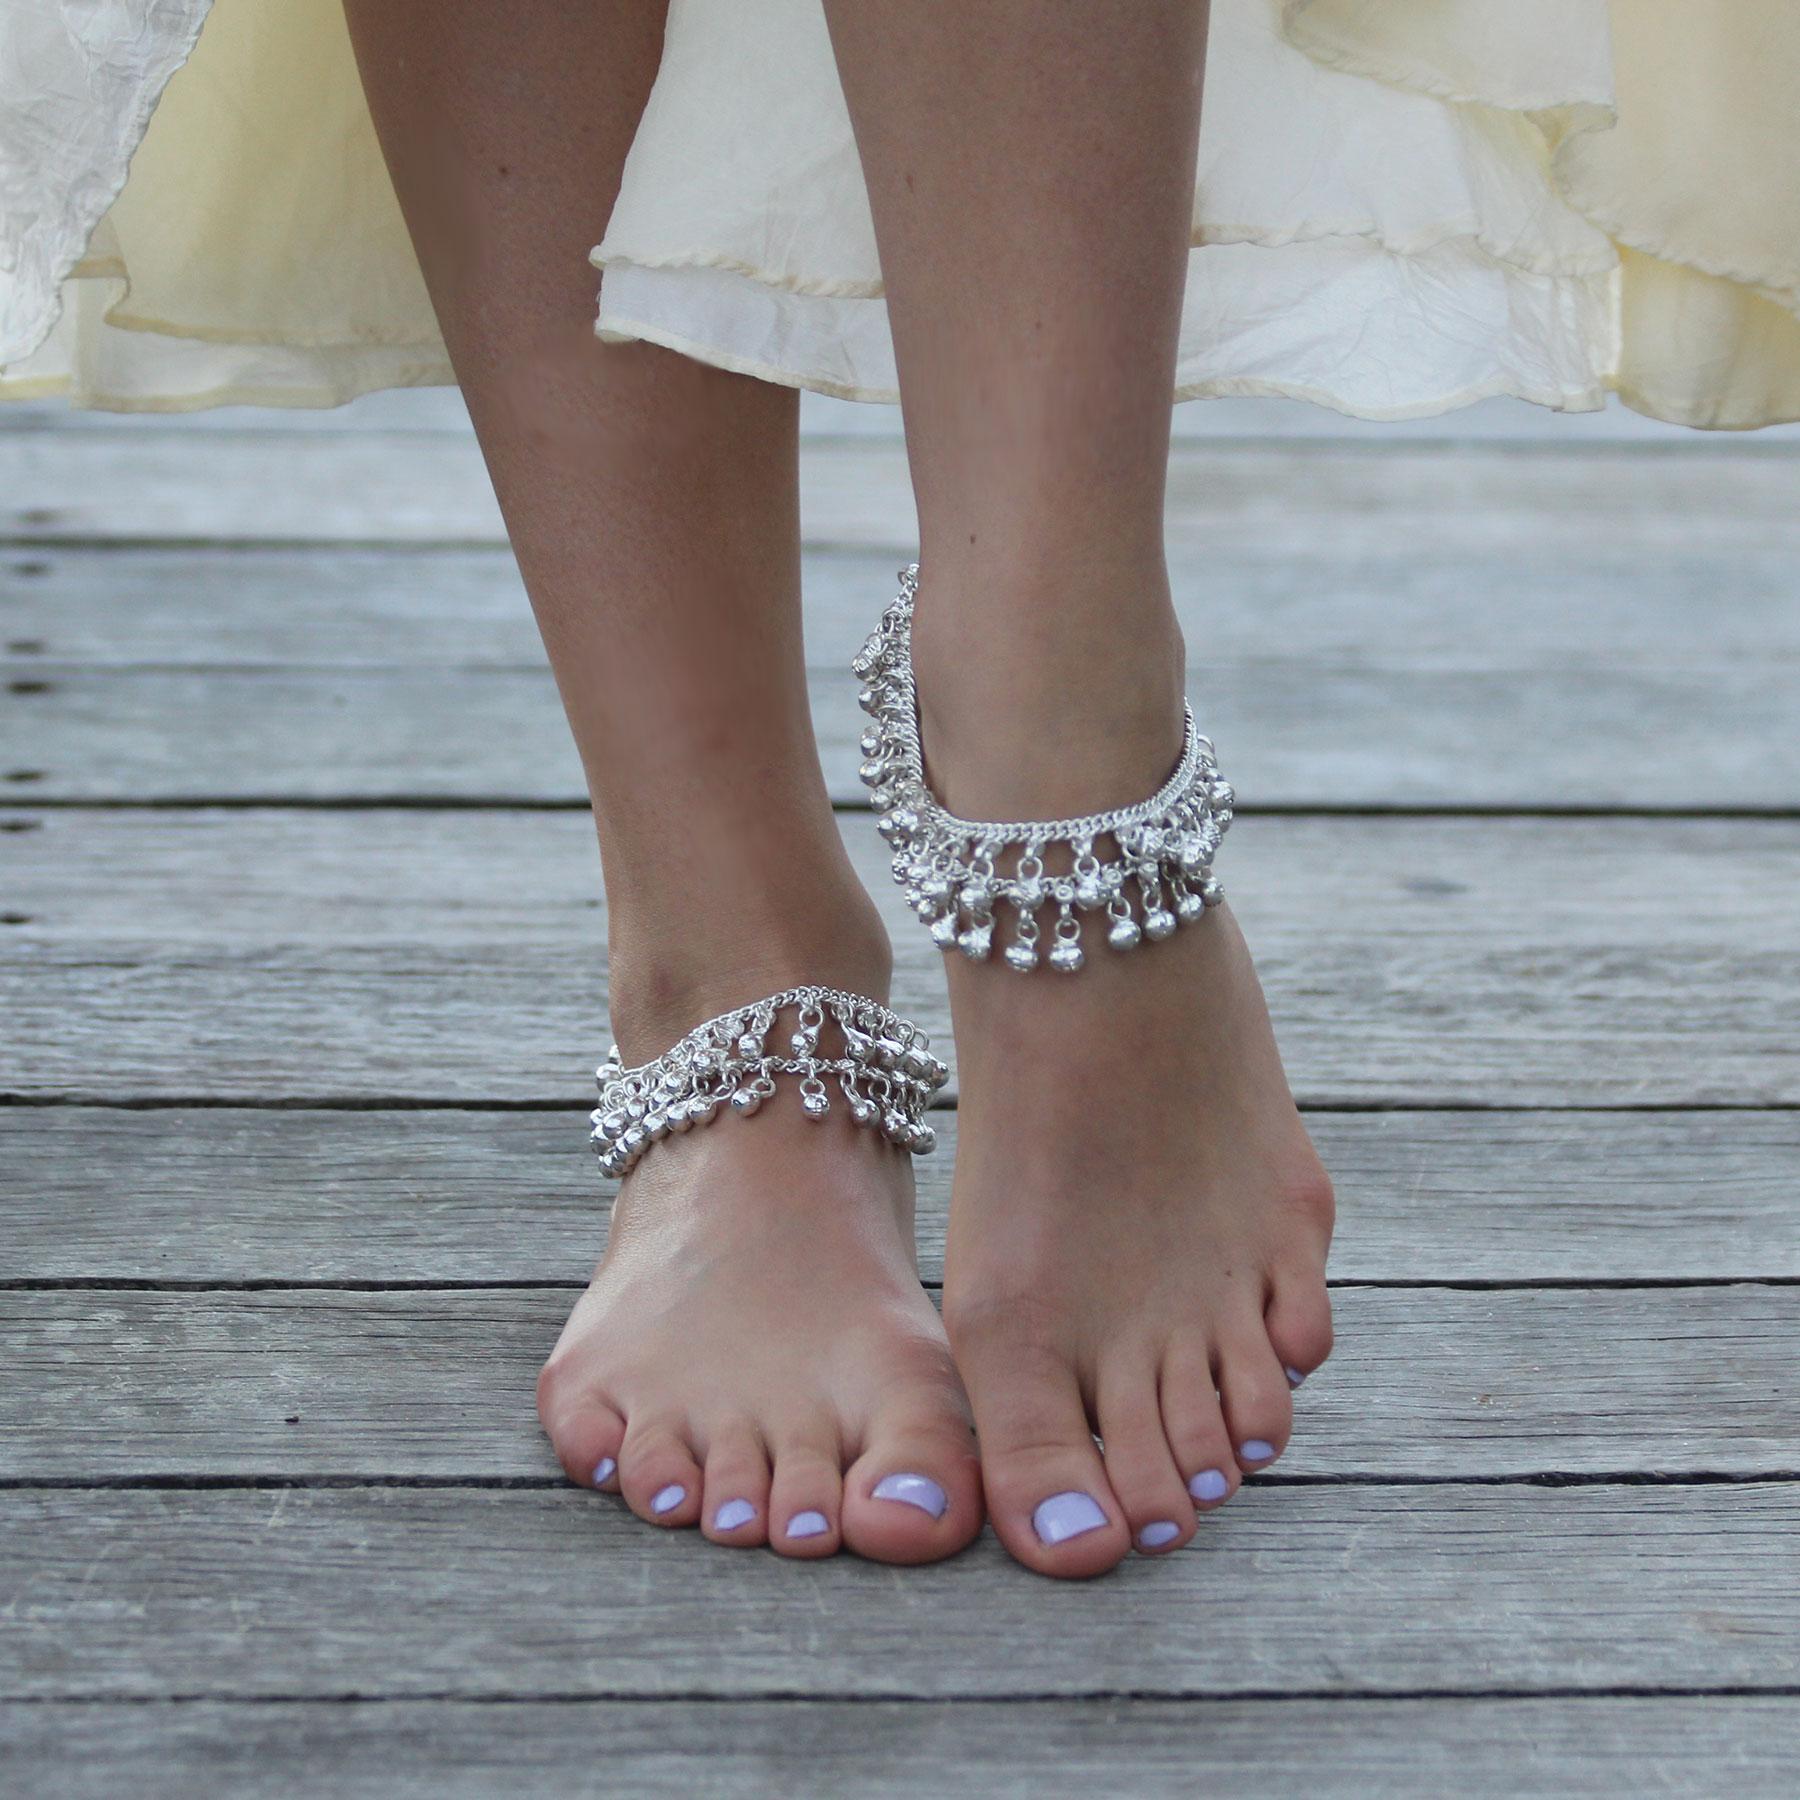 Фото обзор модных браслетов на ногу 2017 (17 фото)